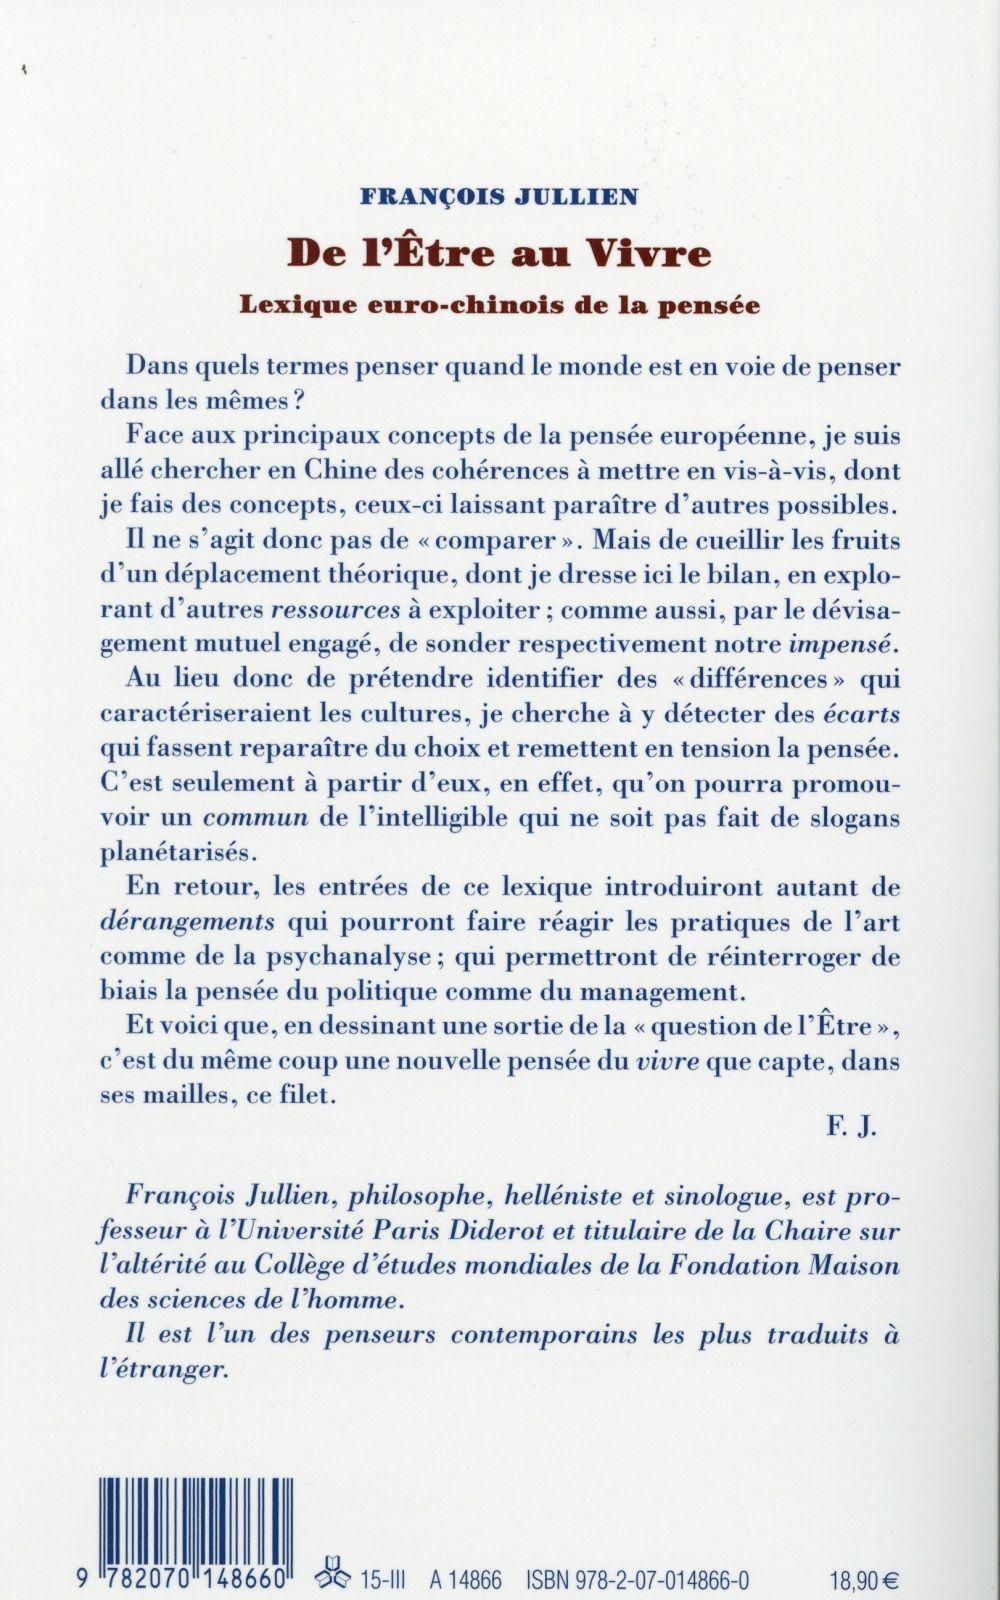 De l'être au vivre ; lexique euro-chinois de la pensée